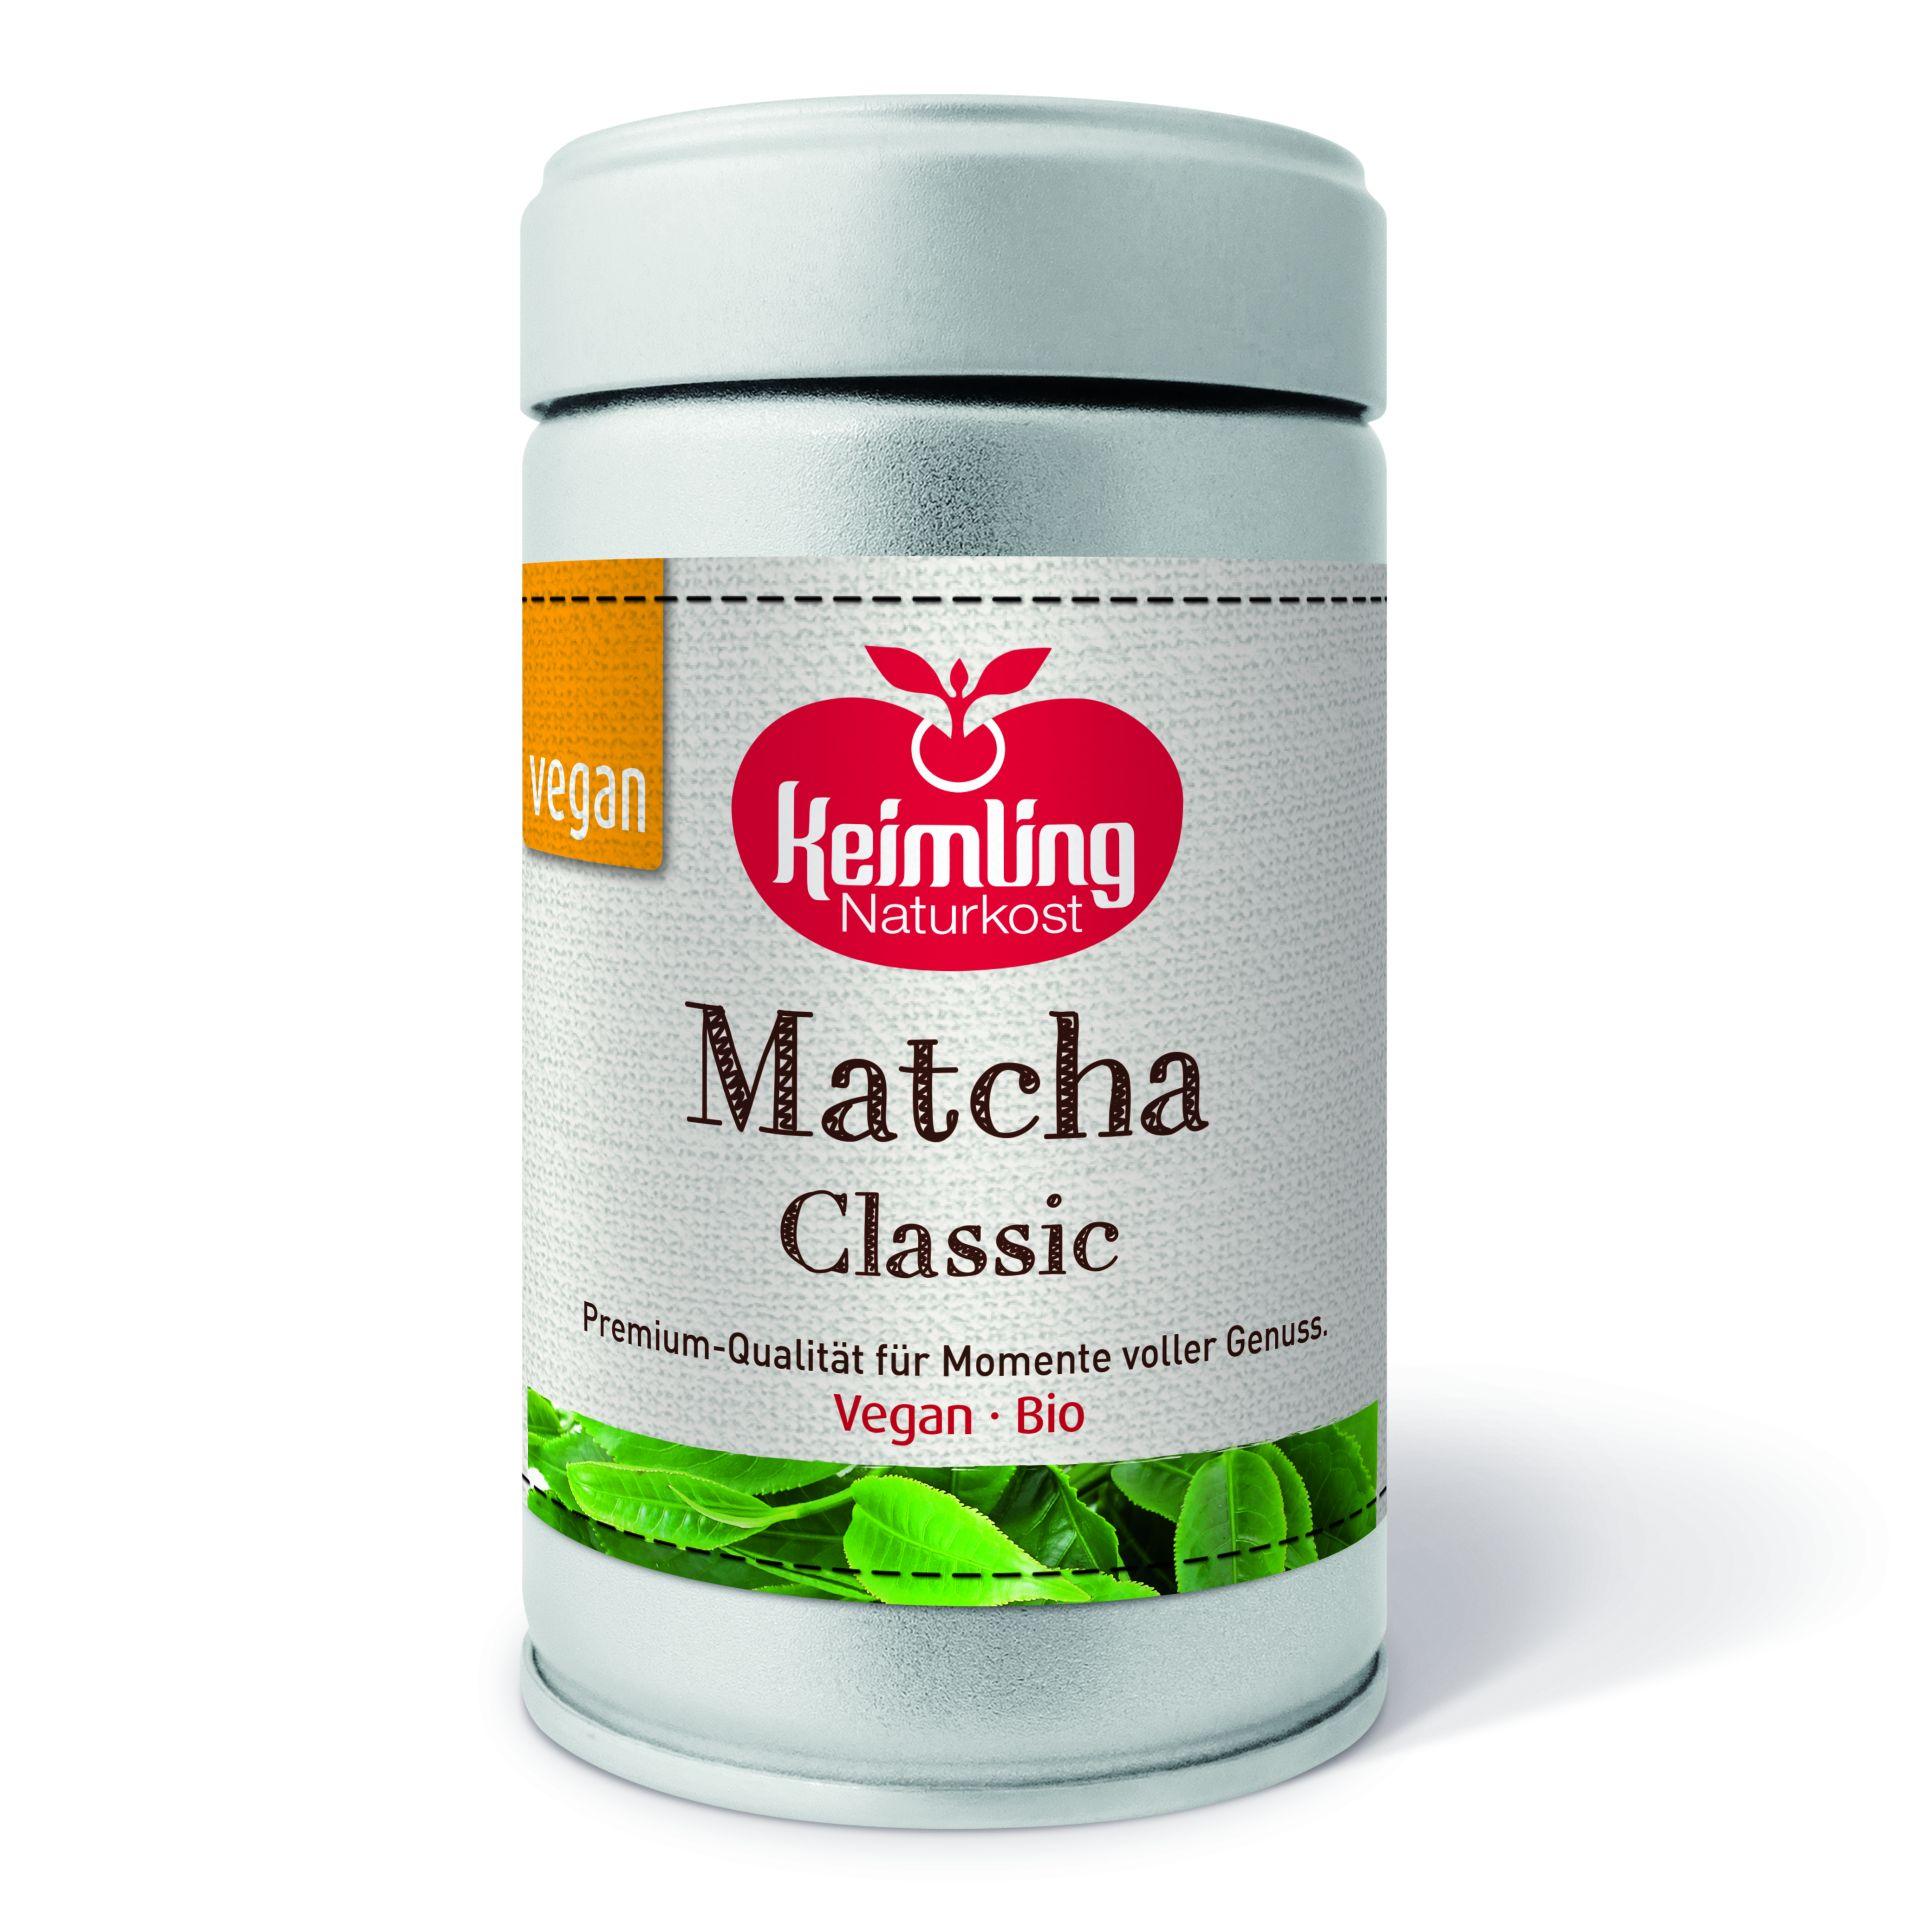 Keimling Matcha Classic 80g